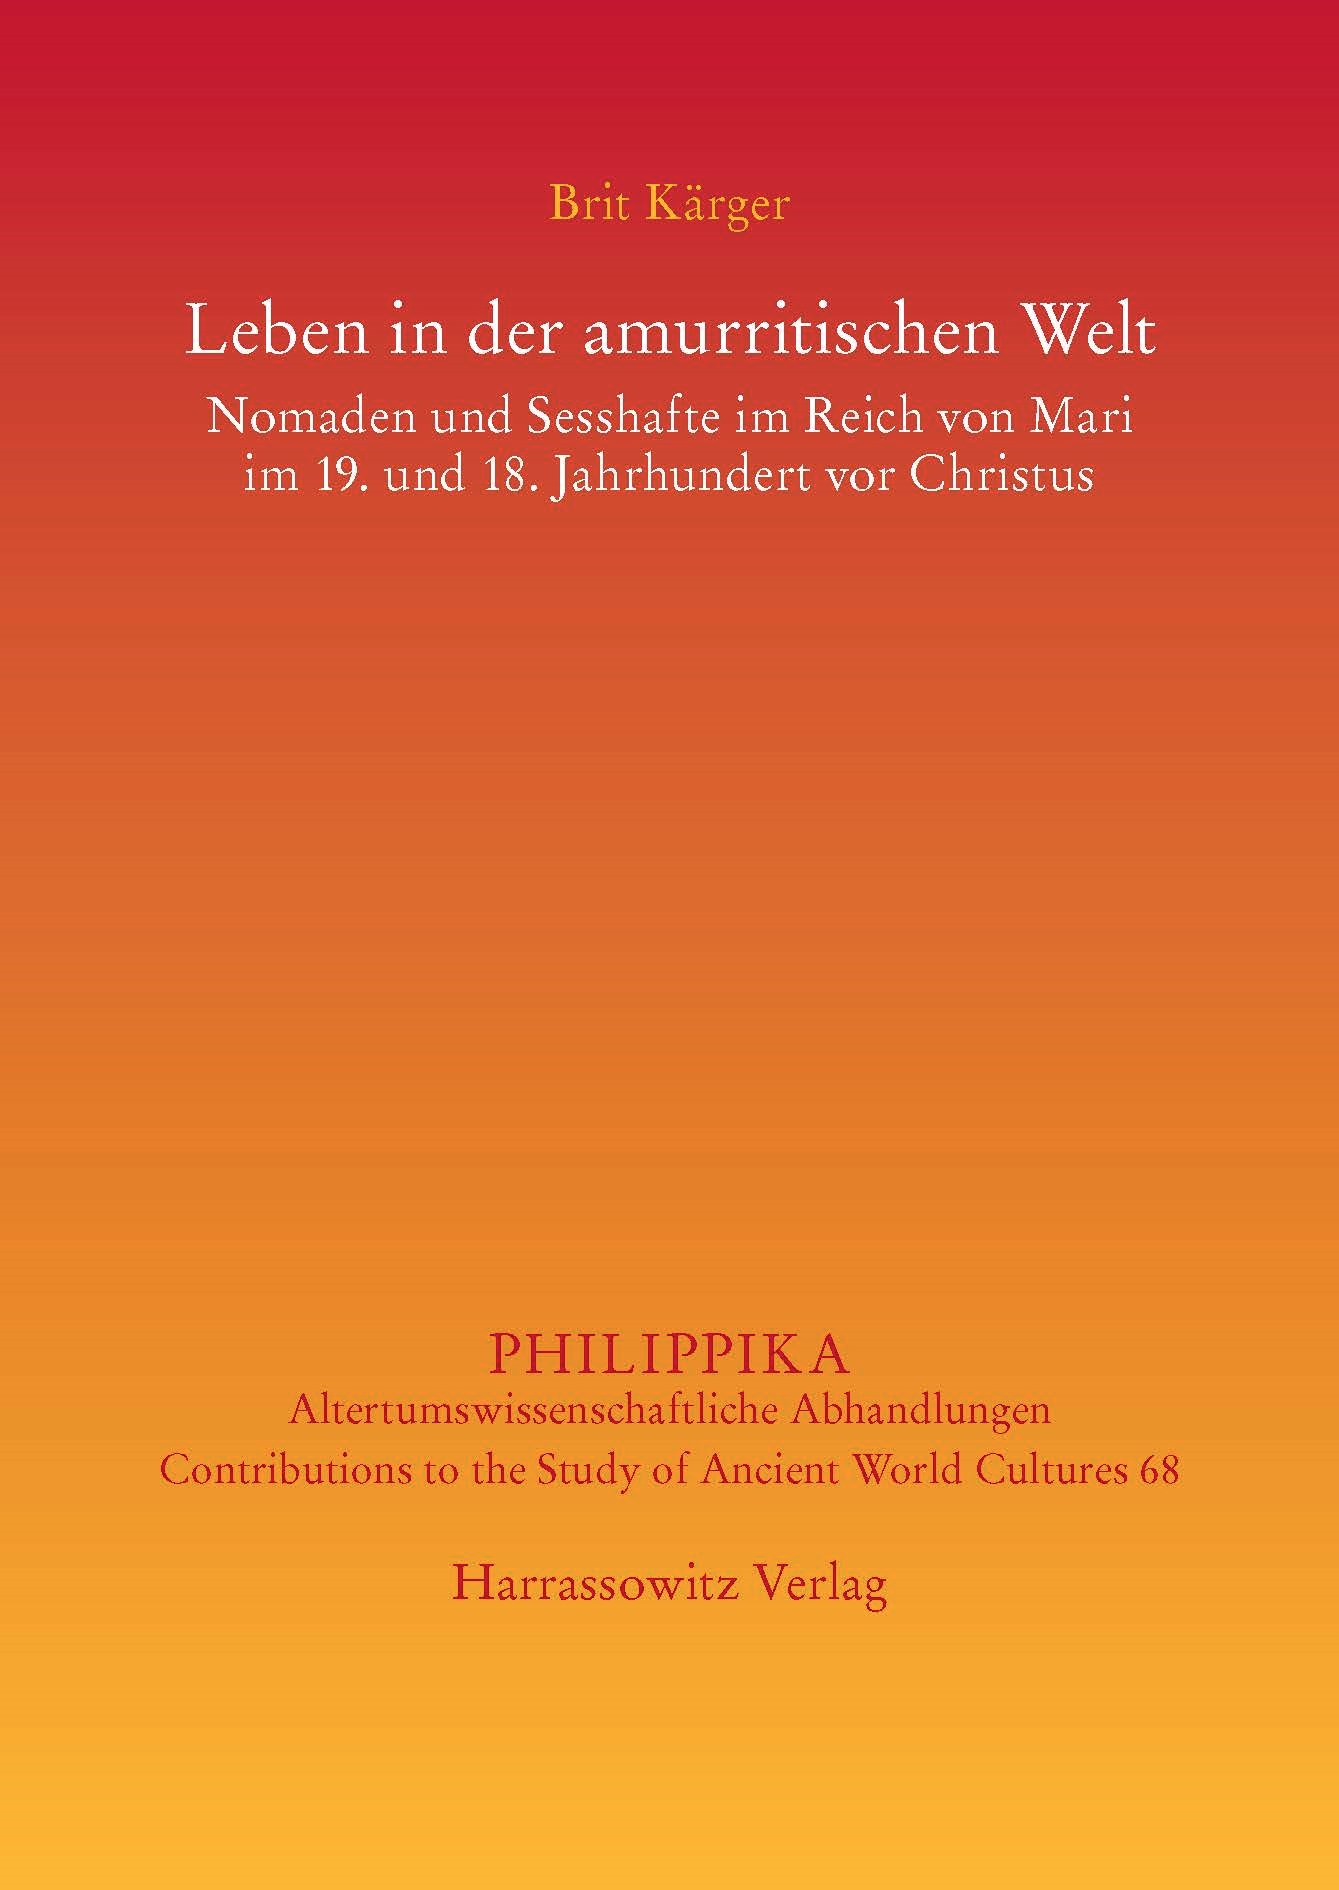 Leben in der amurritischen Welt   Kärger, 2014   Buch (Cover)